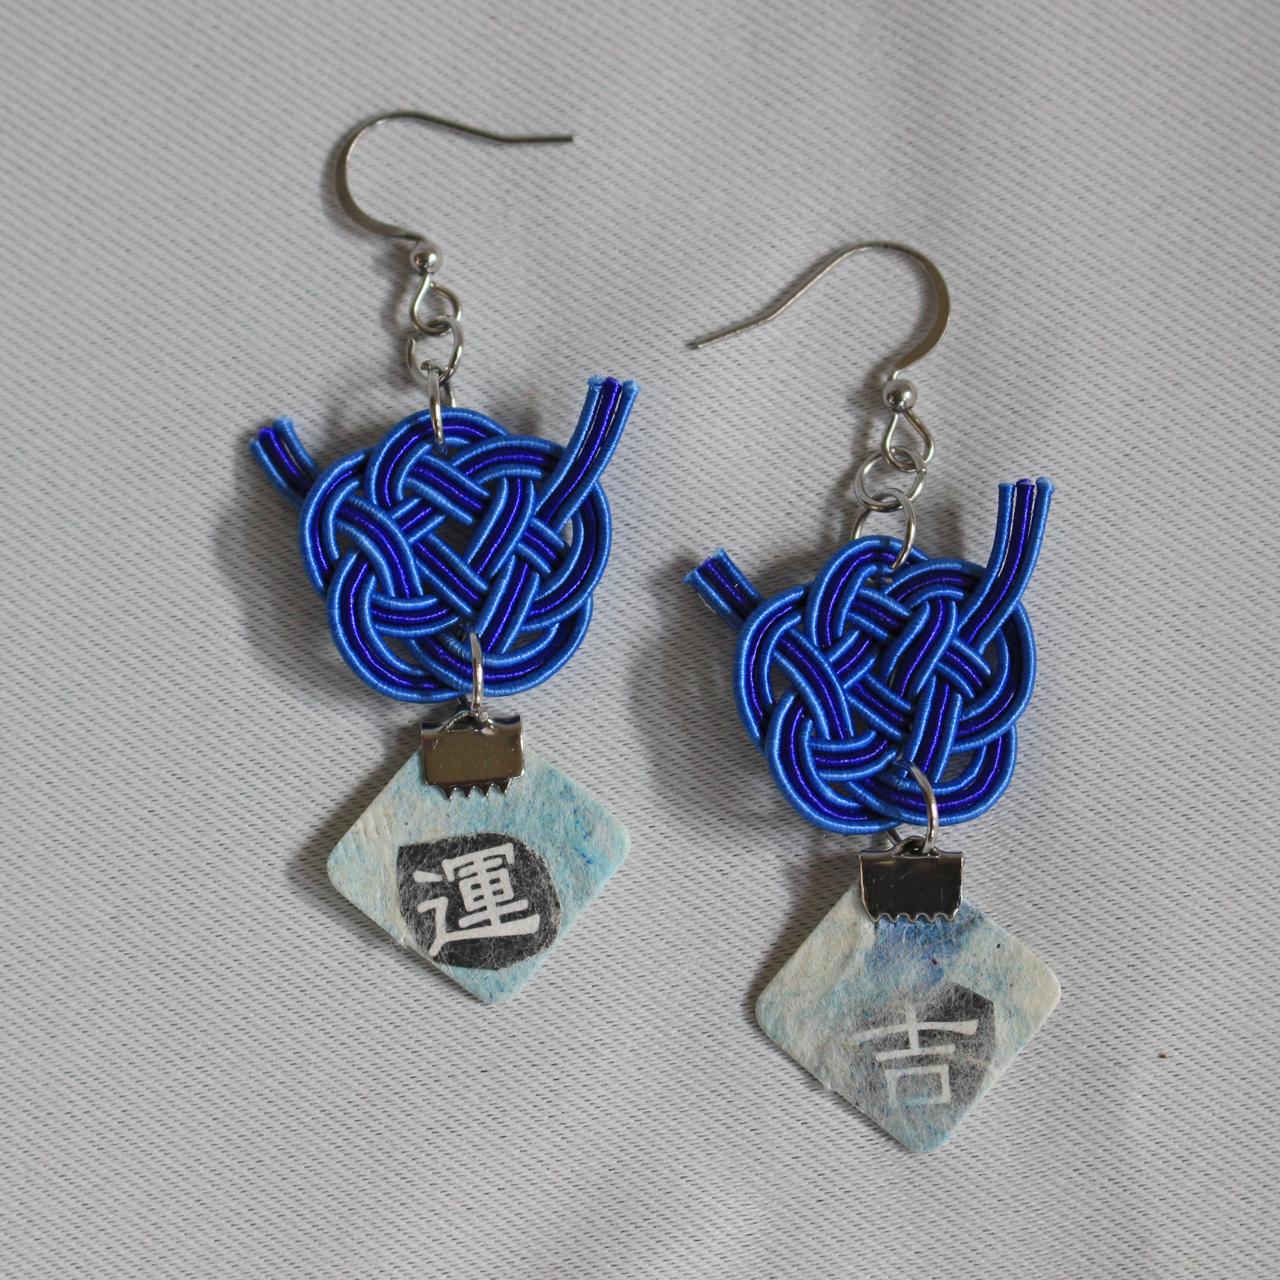 和紙&水引ピアス①<japanese paper & mizuhiki earrings①>